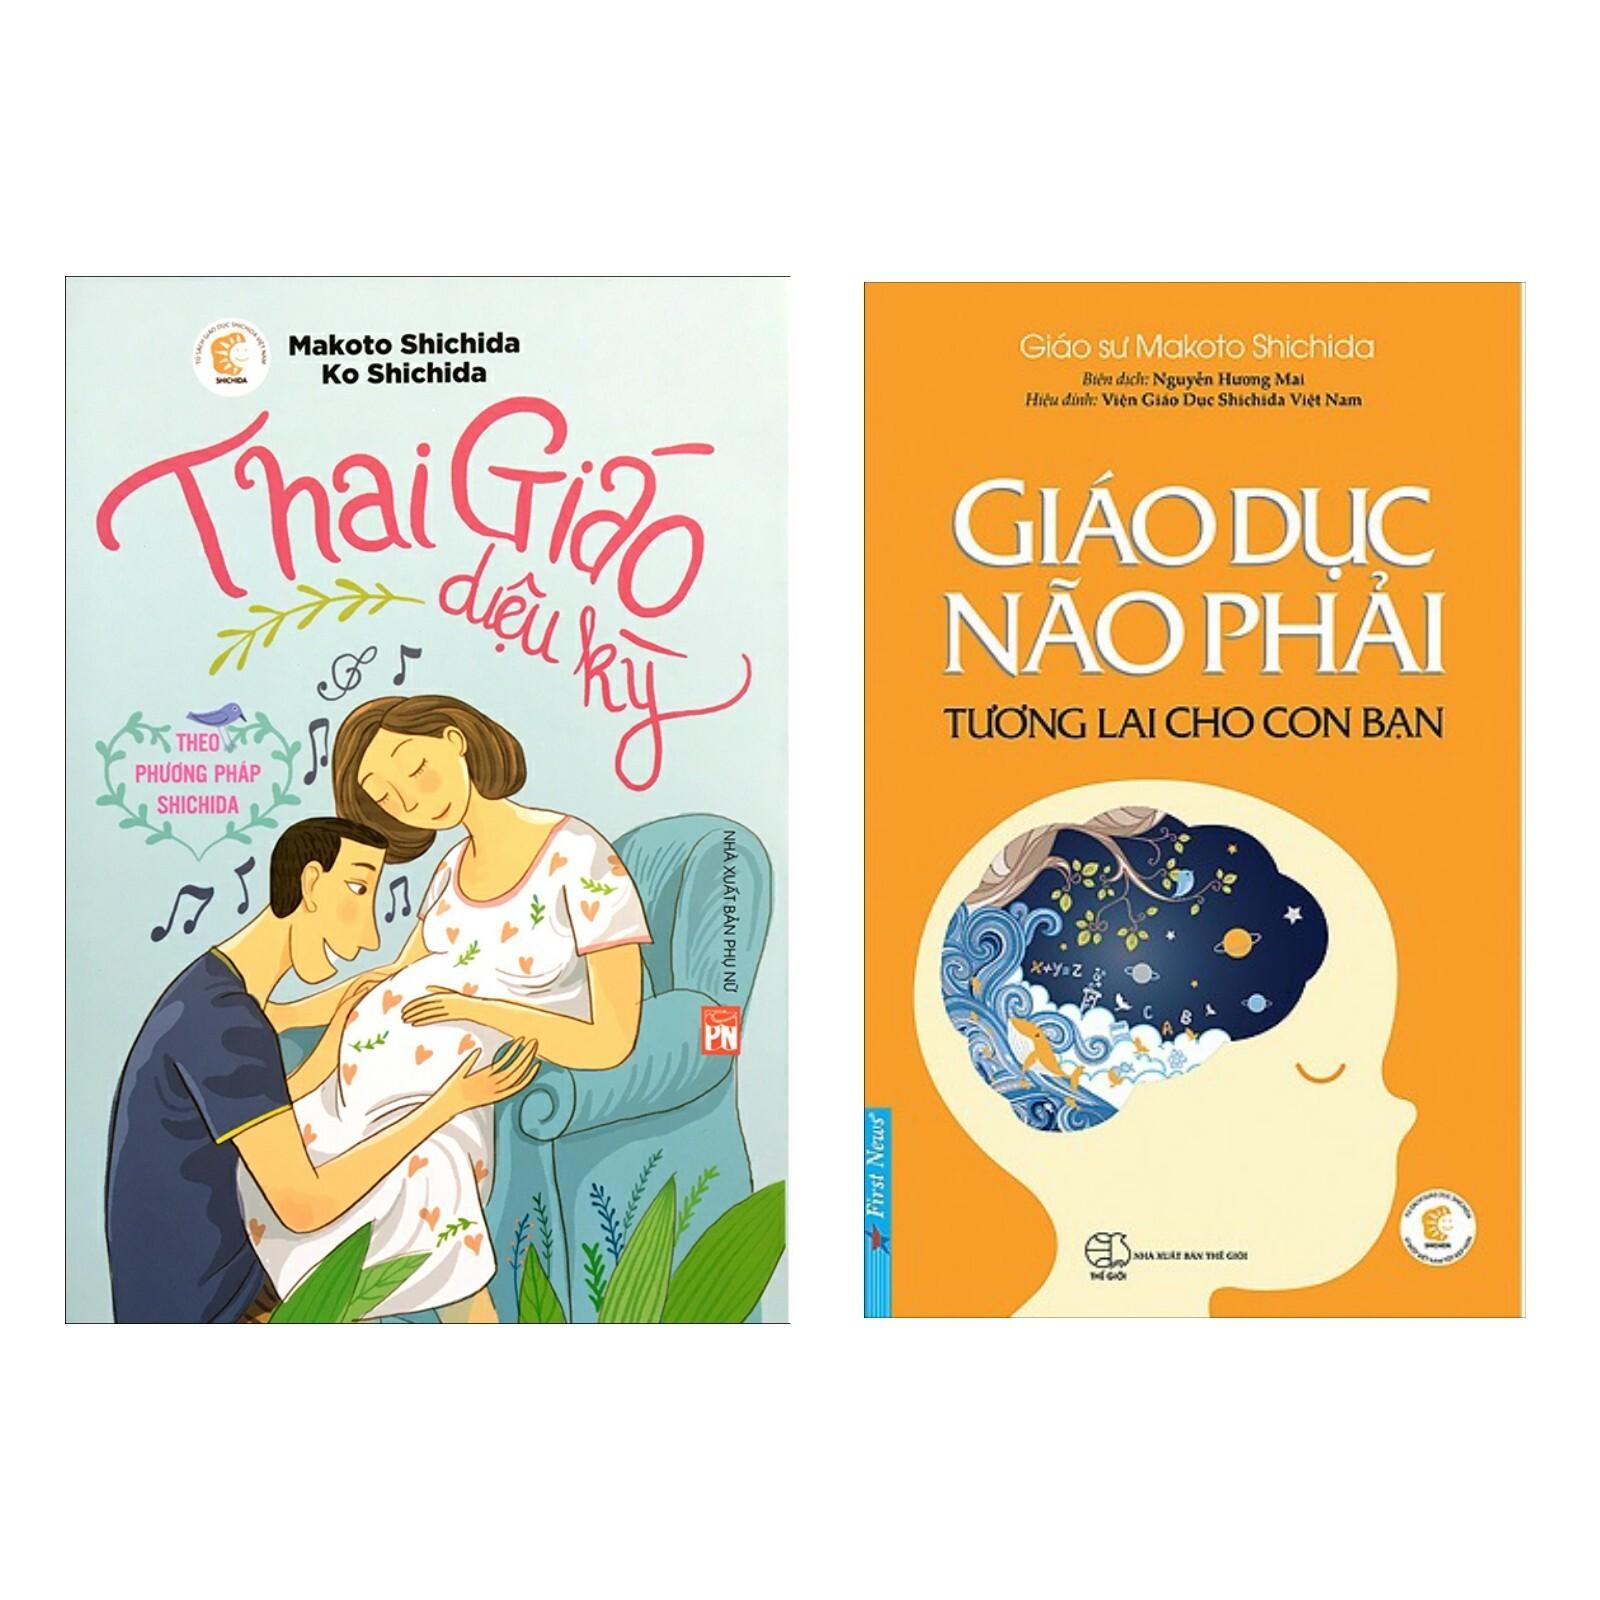 Combo Sổ Tay Làm Mẹ Hoàn Hảo: Thai Giáo Diệu Kỳ Theo Phương Pháp Shichida + Giáo Dục Não Phải - Tương Lai Cho Con Bạn